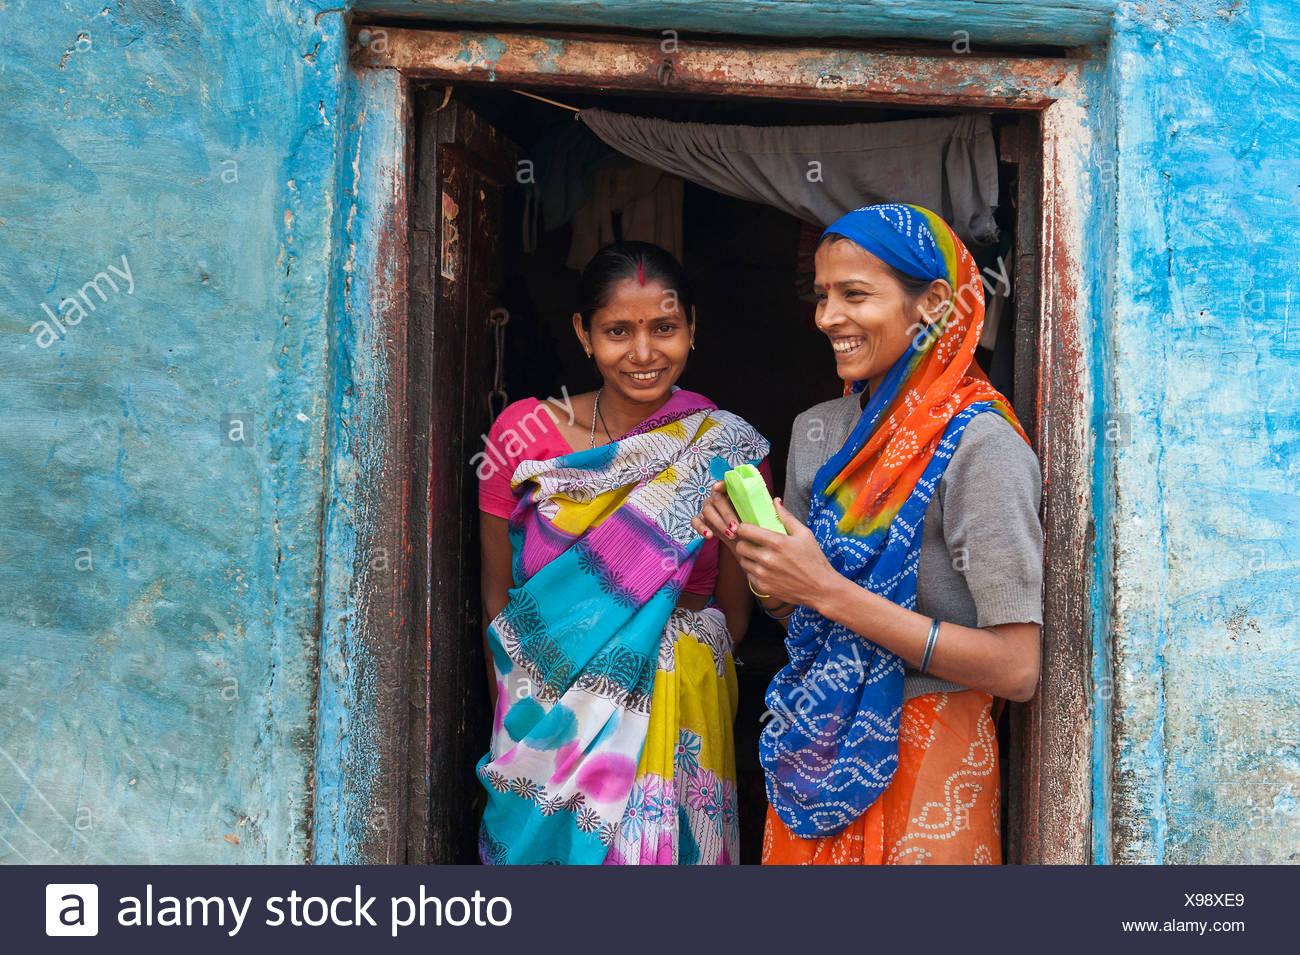 Zwei lächelnde Frauen in einer Tür, Varanasi, Benares oder Kashi, Uttar Pradesh, Indien, Asien Stockbild